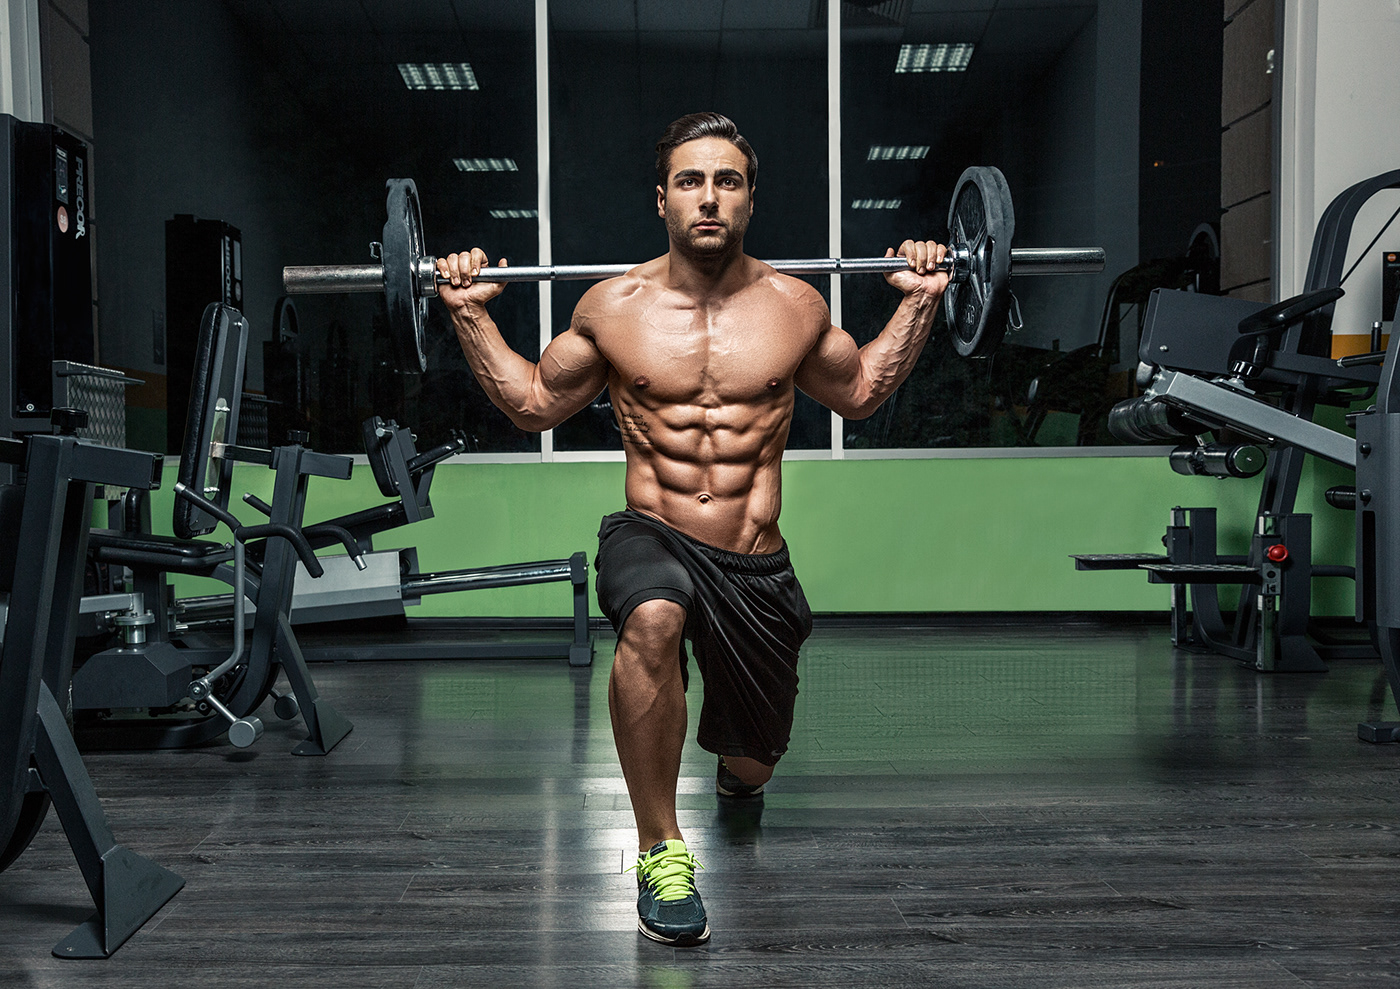 Эффективные кардио упражнения и программы тренировок для сжигания жира в домашних условиях